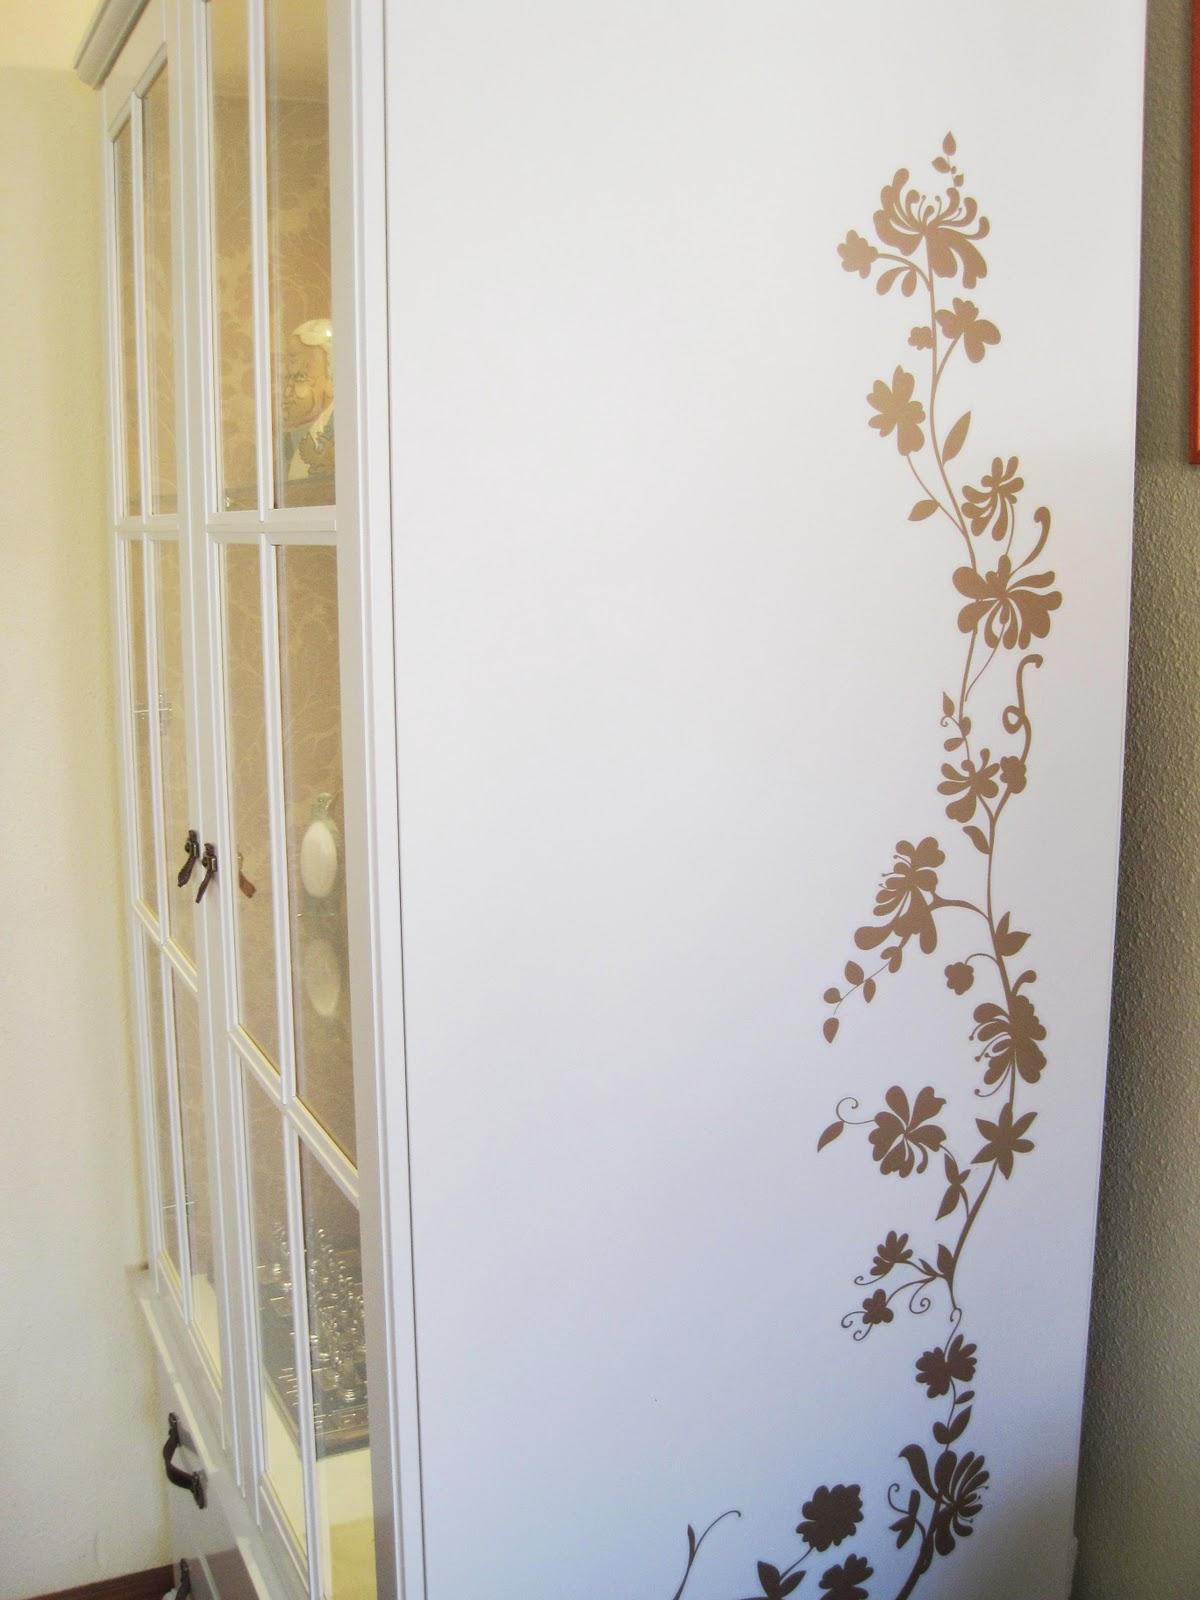 Ikea hack antes y despu s del armario birkeland de for Vinilos cristales ikea